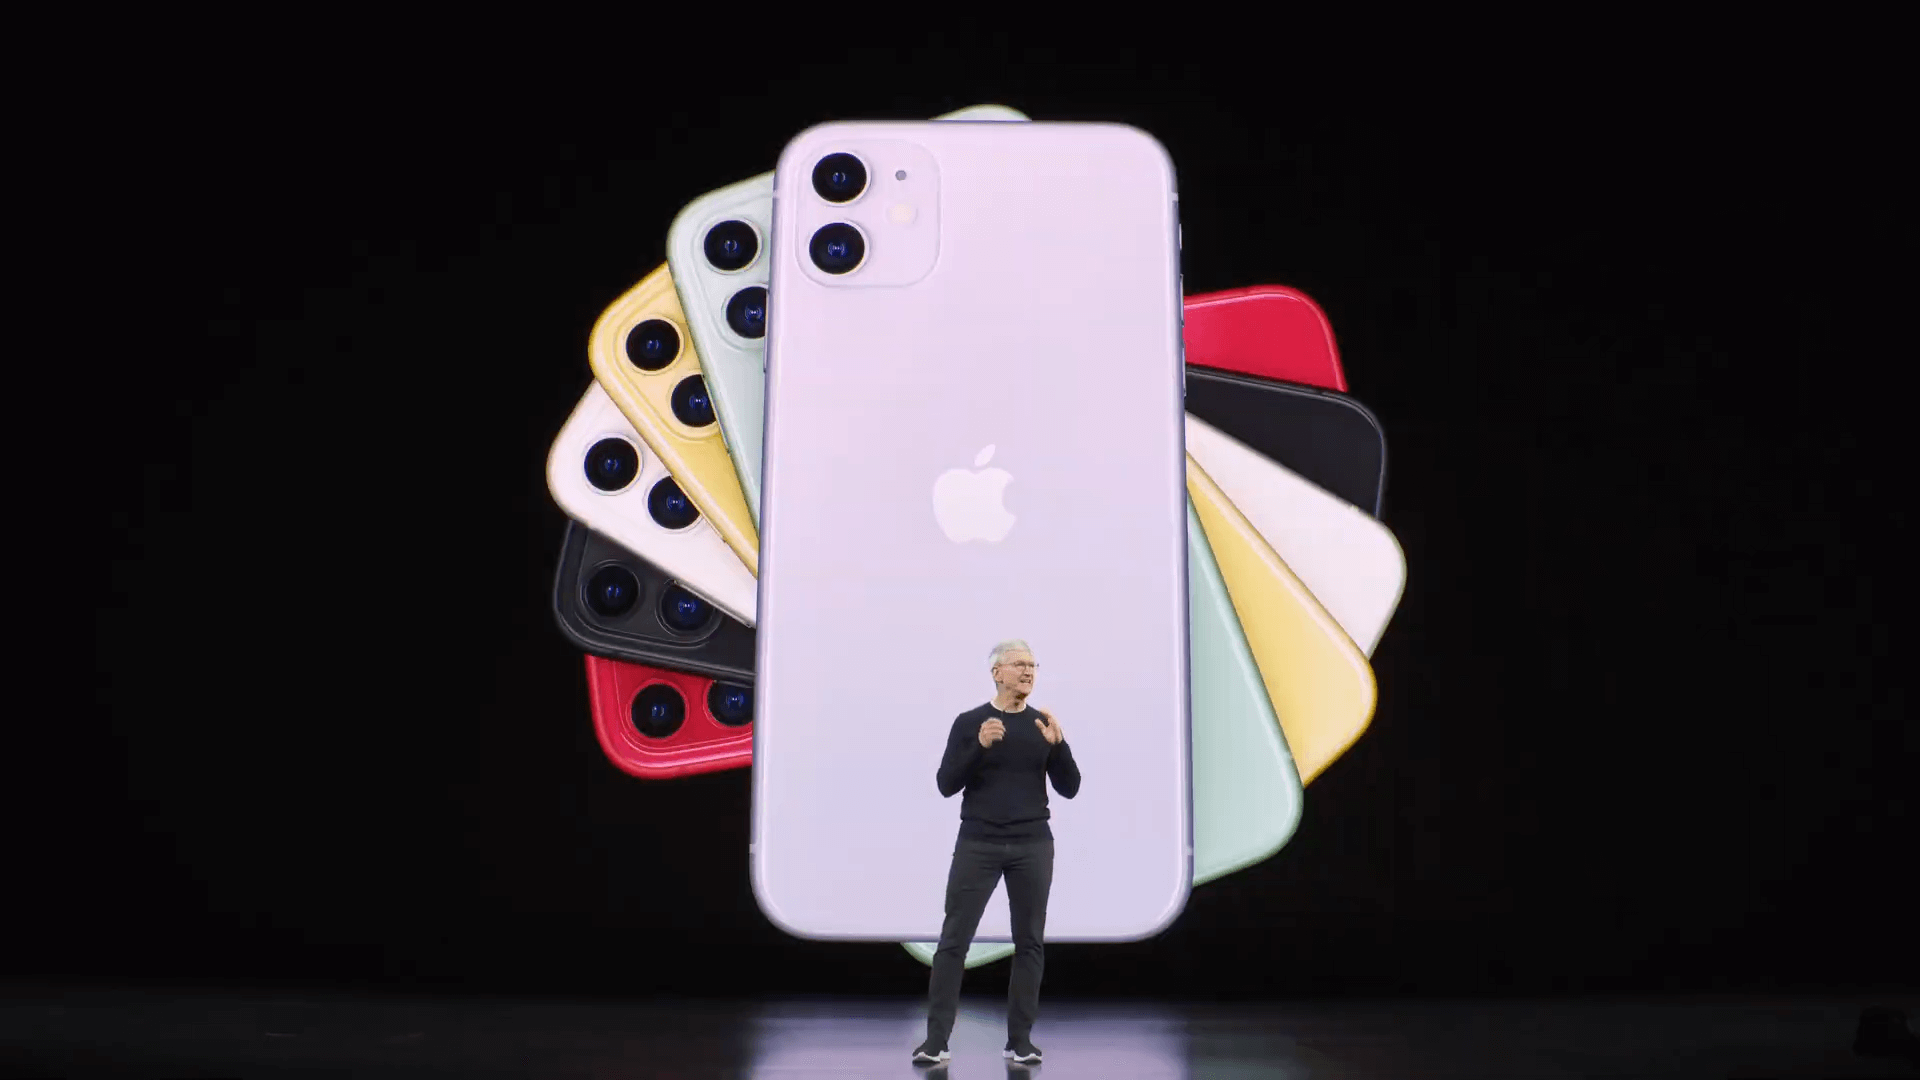 Tämä on iPhonen virallinen hinta. 11 Espanjan osalta